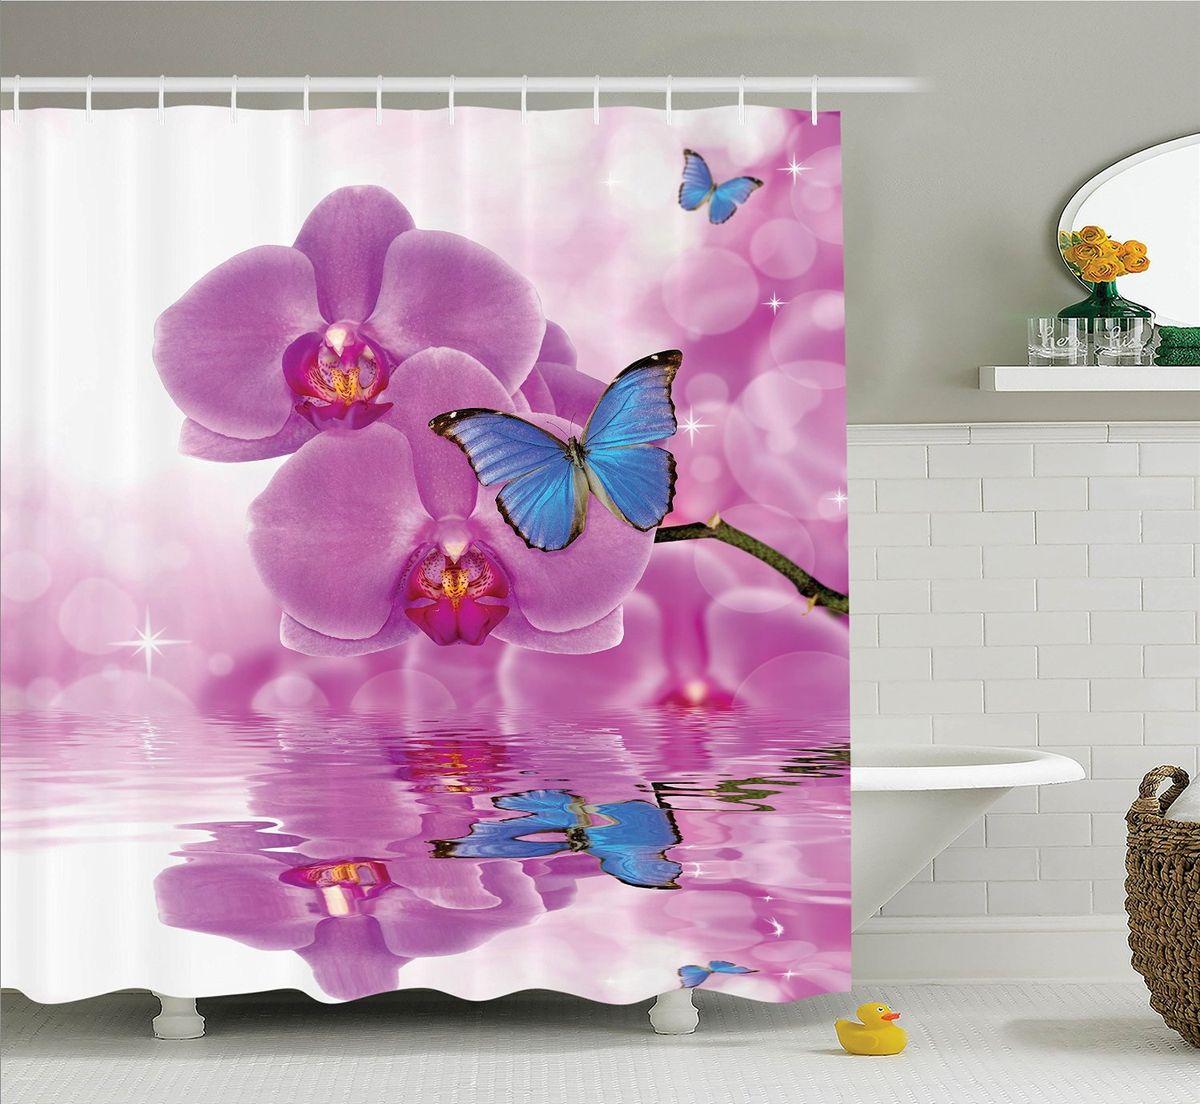 Штора для ванной комнаты Magic Lady Бабочки на цветах орхидеи, 180 х 200 см391602Компания Сэмболь изготавливает шторы из высококачественного сатена (полиэстер 100%). При изготовлении используются специальные гипоаллергенные чернила для прямой печати по ткани, безопасные для человека и животных. Экологичность продукции Magic lady и безопасность для окружающей среды подтверждены сертификатом Oeko-Tex Standard 100. Крепление: крючки (12 шт.). Внимание! При нанесении сублимационной печати на ткань технологическим методом при температуре 240 С, возможно отклонение полученных размеров, указанных на этикетке и сайте, от стандартных на + - 3-5 см. Мы стараемся максимально точно передать цвета изделия на наших фотографиях, однако искажения неизбежны и фактический цвет изделия может отличаться от воспринимаемого по фото. Обратите внимание! Шторы изготовлены из полиэстра сатенового переплетения, а не из сатина (хлопок). Размер шторы 180*200 см. В комплекте 1 штора и 12 крючков.